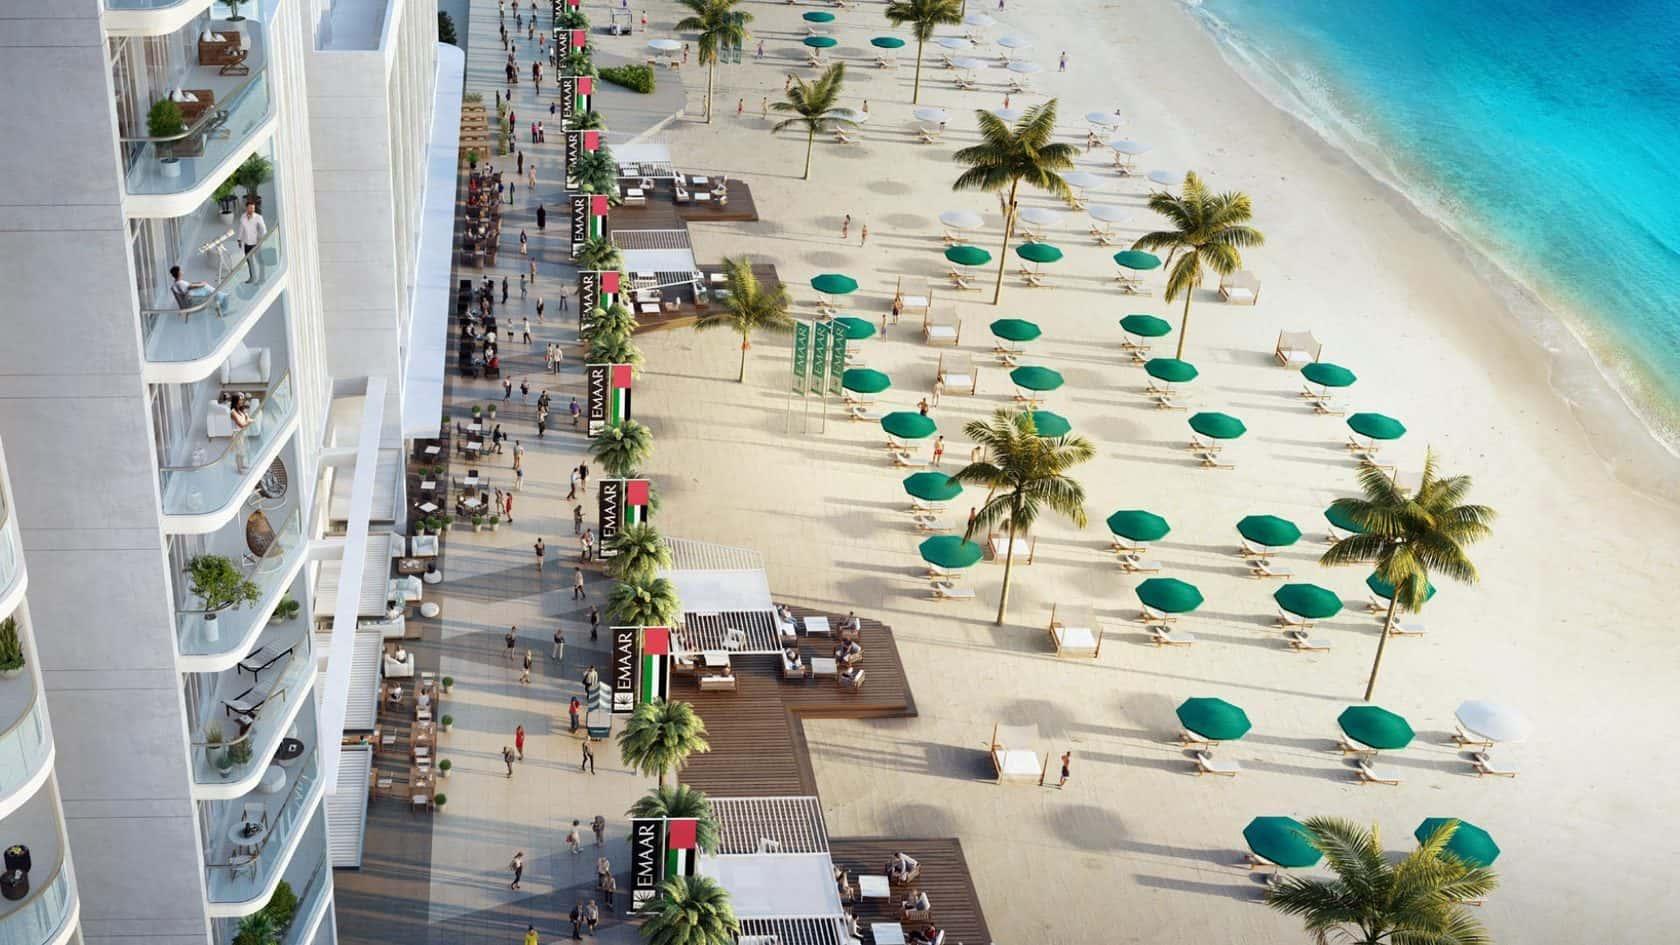 Attractions & Entertainment Facilities in Emaar Beachfront